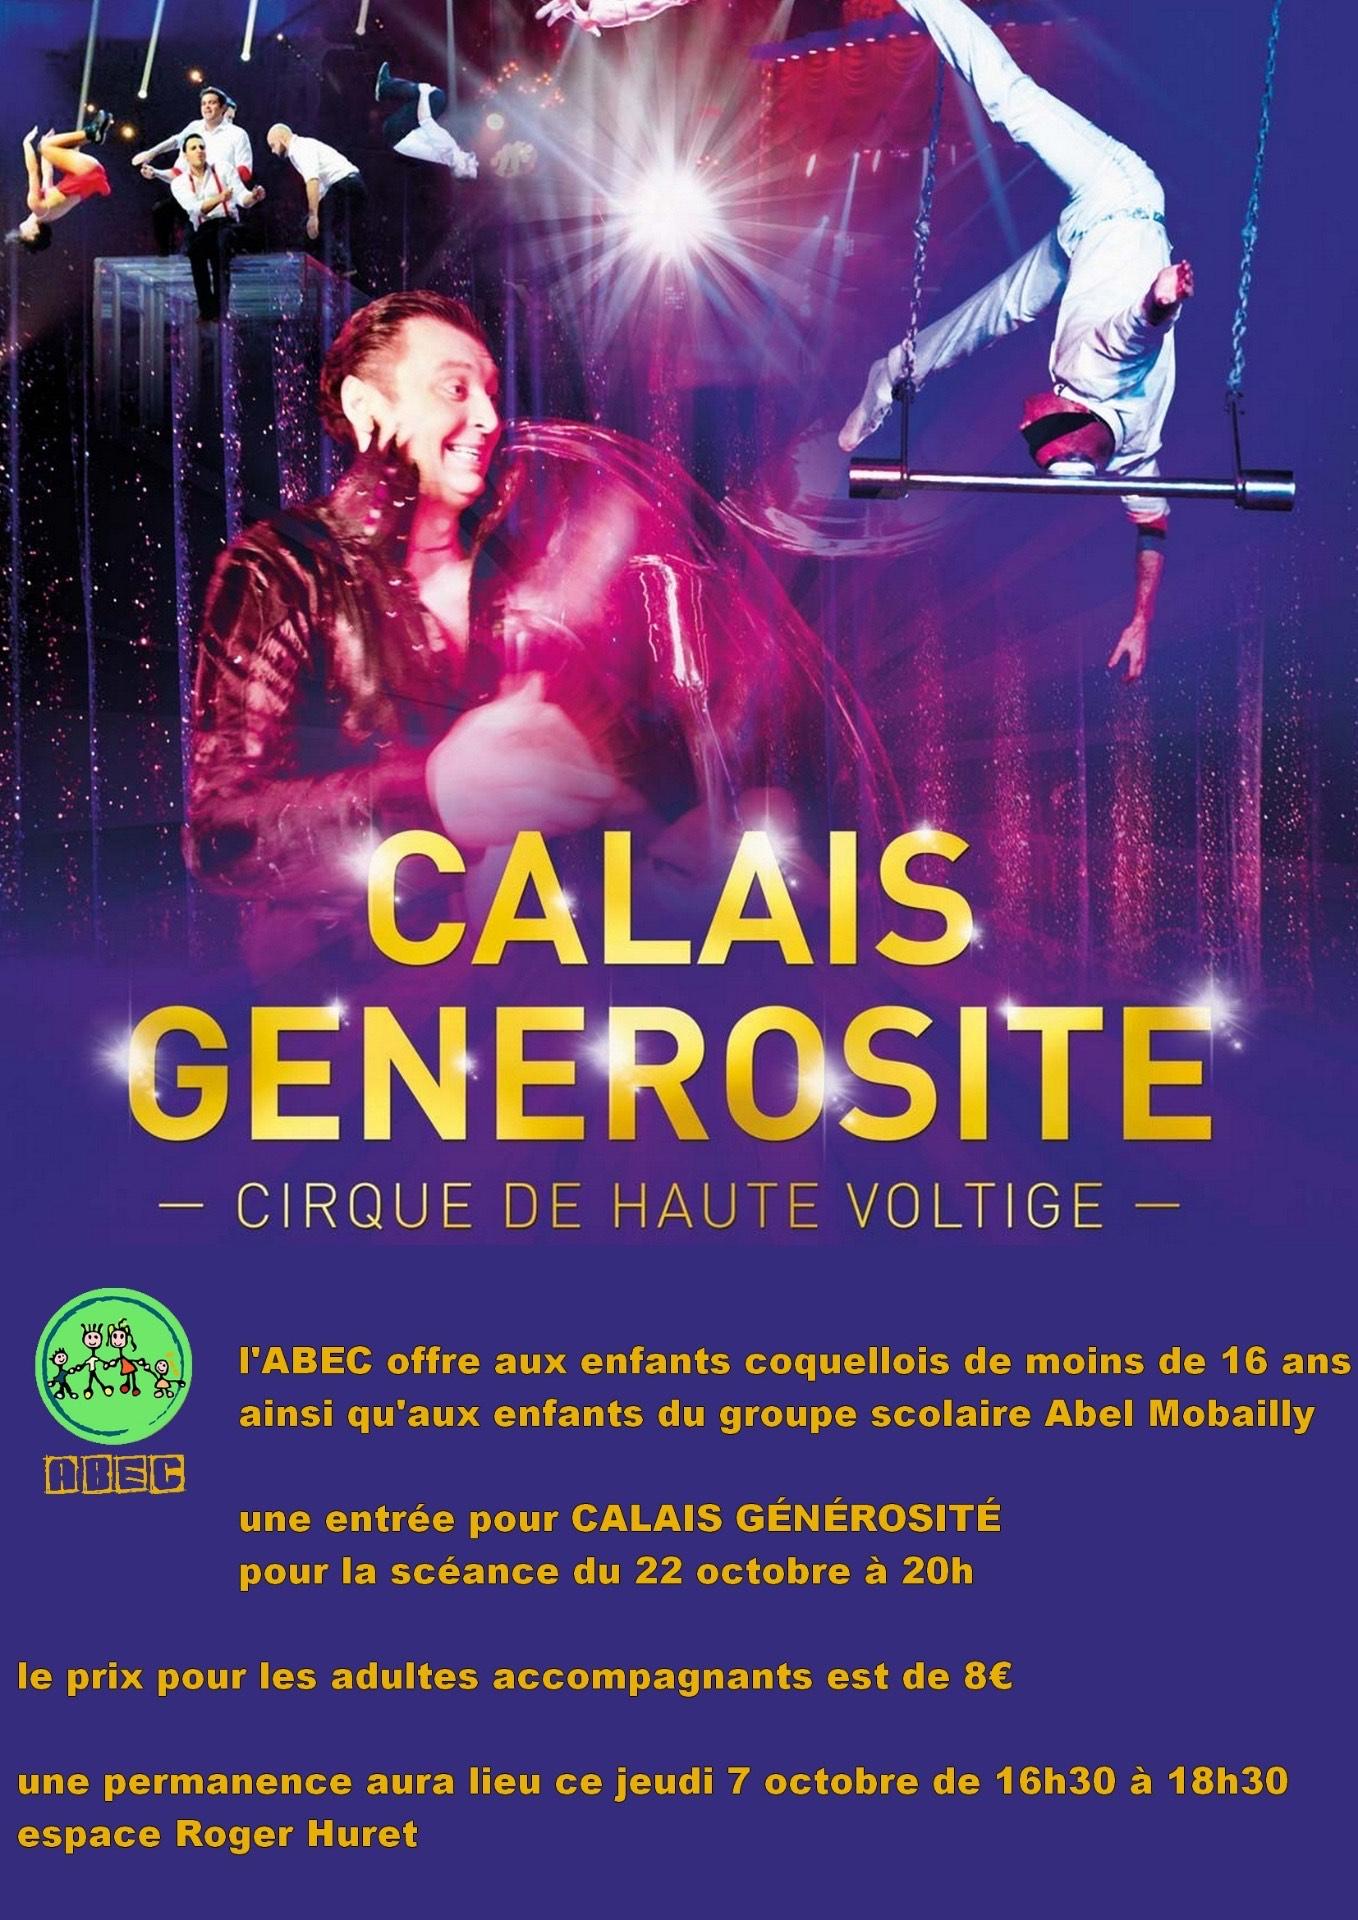 Calais générosité avec l'ABEC